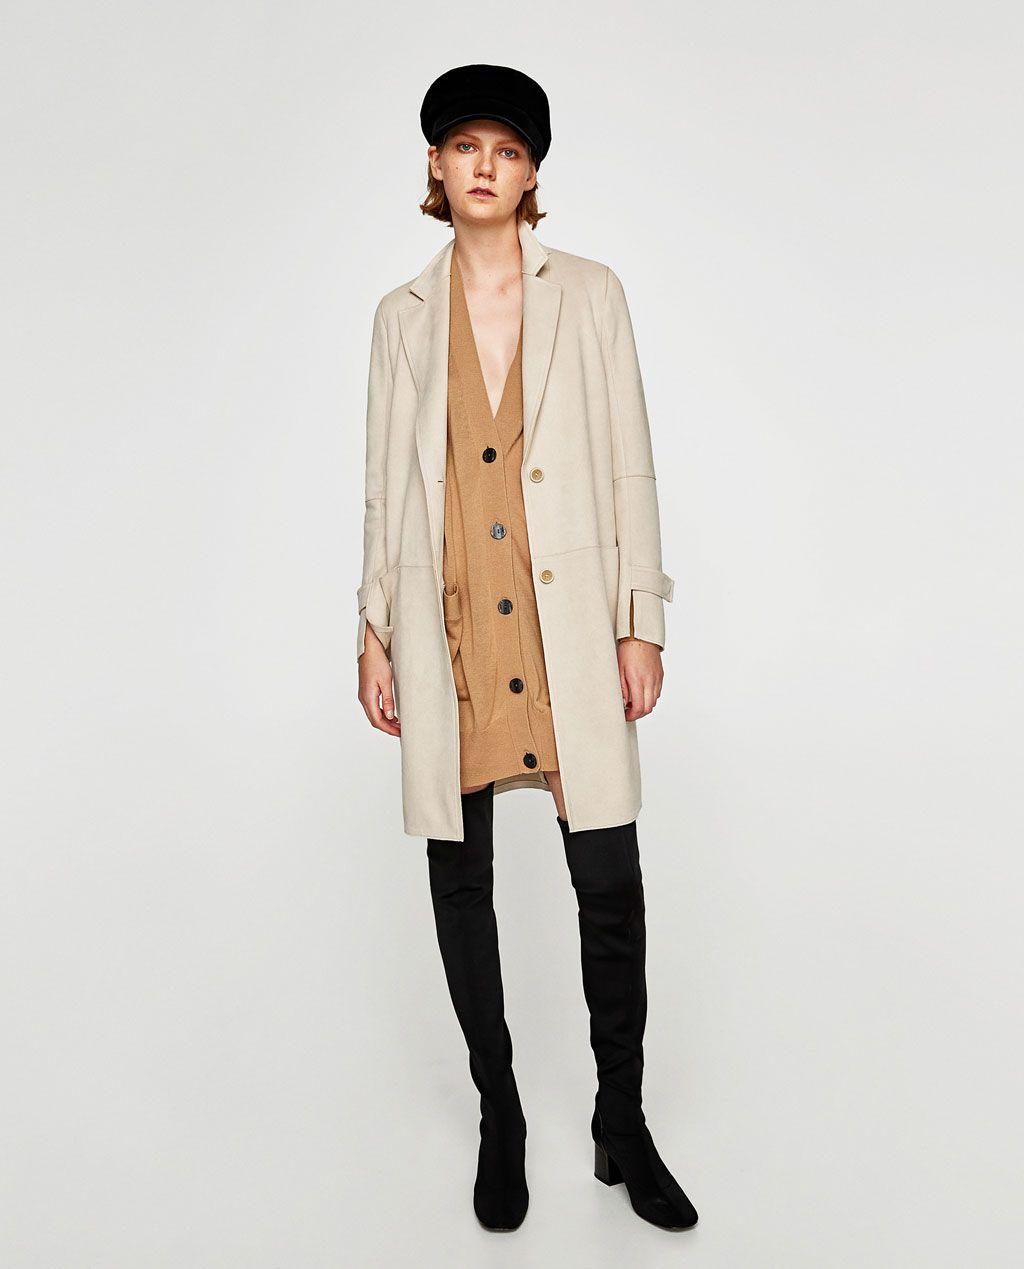 de ZaraStylesSuede DAIM coat Image 1 MANTEAU de EFFET wPyN8vnOm0